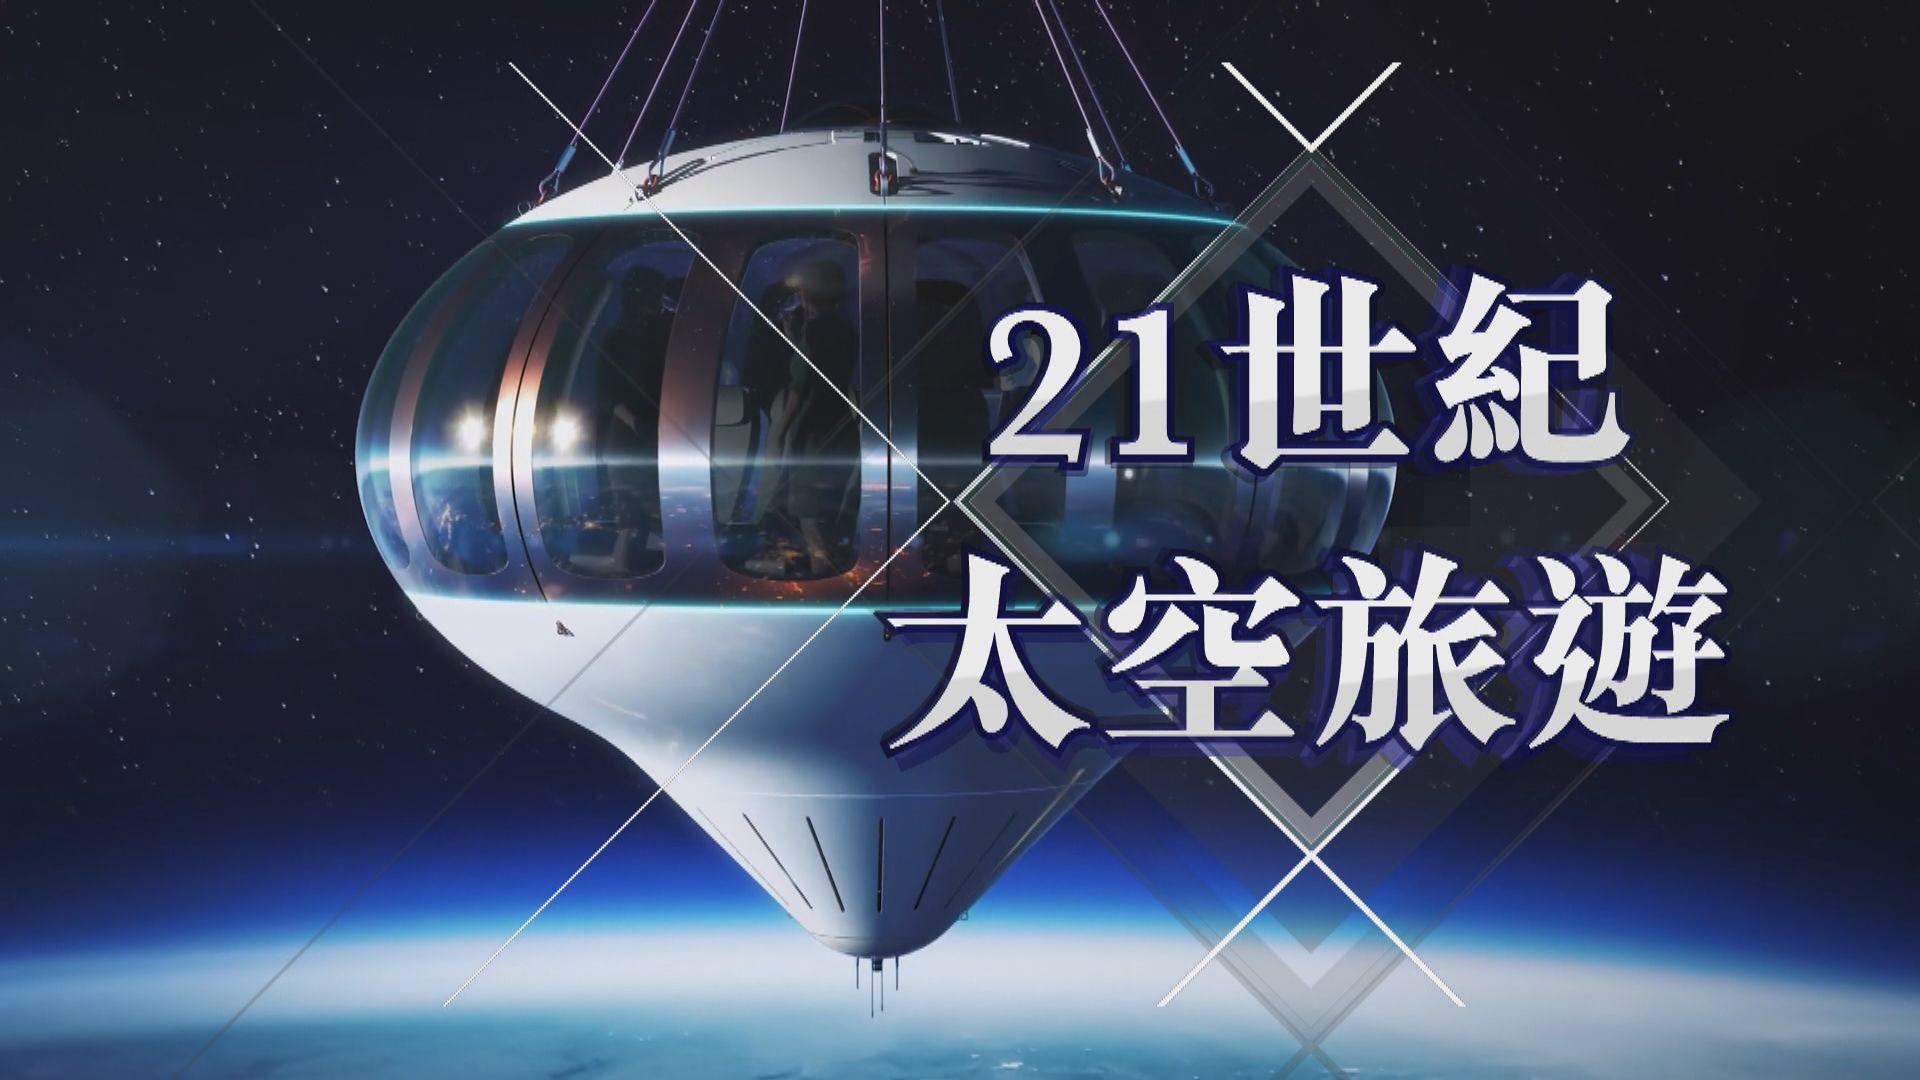 【新聞智庫】21世紀太空旅遊?